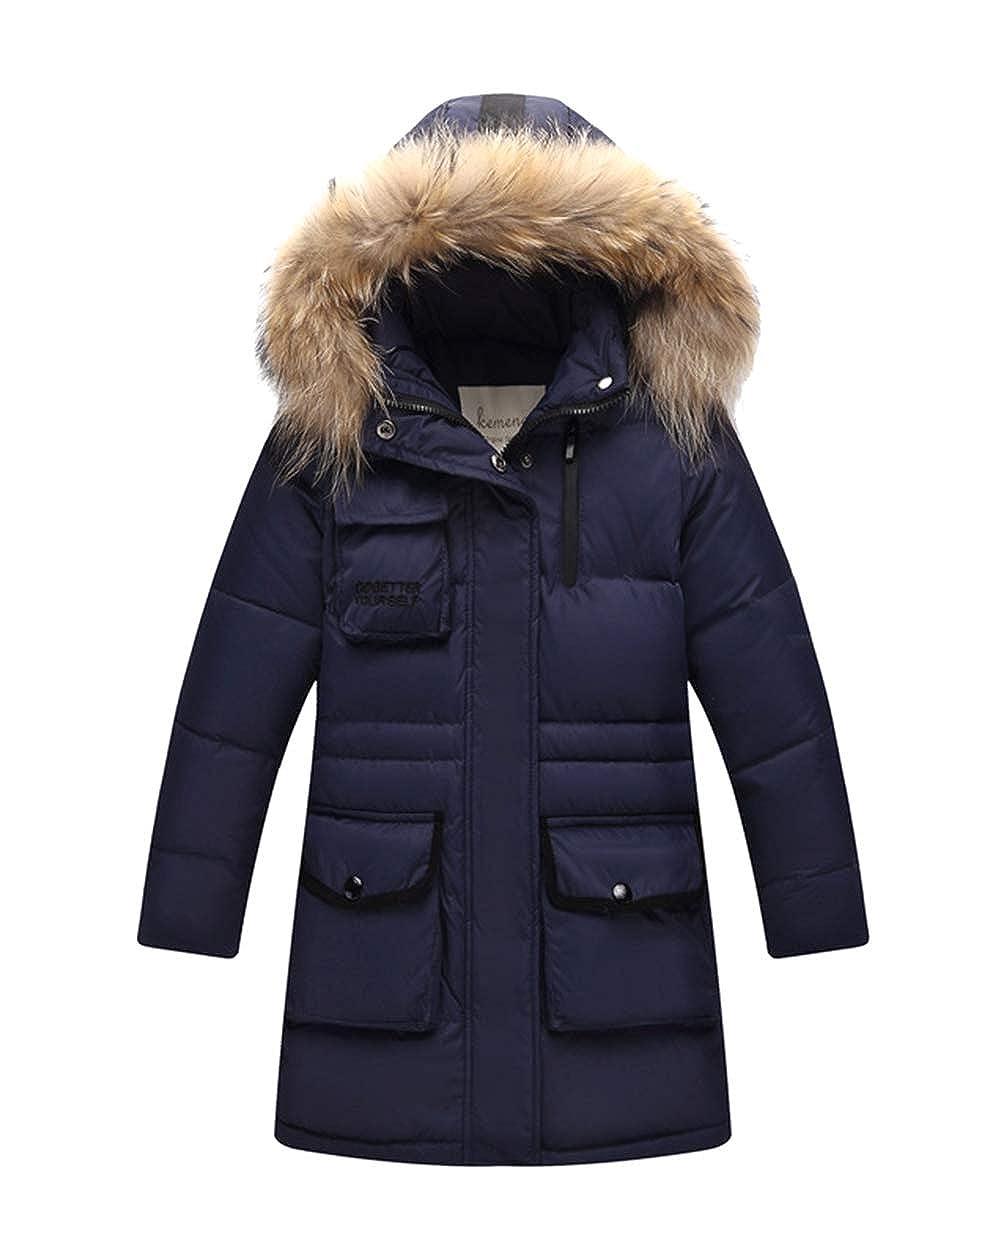 Bleu Marin 1 Stature fille 110-120cm Insun Doudoune pour Garçon Fille Veste d'hiver avec Capuche Amovible Enfant Manteau Blouson